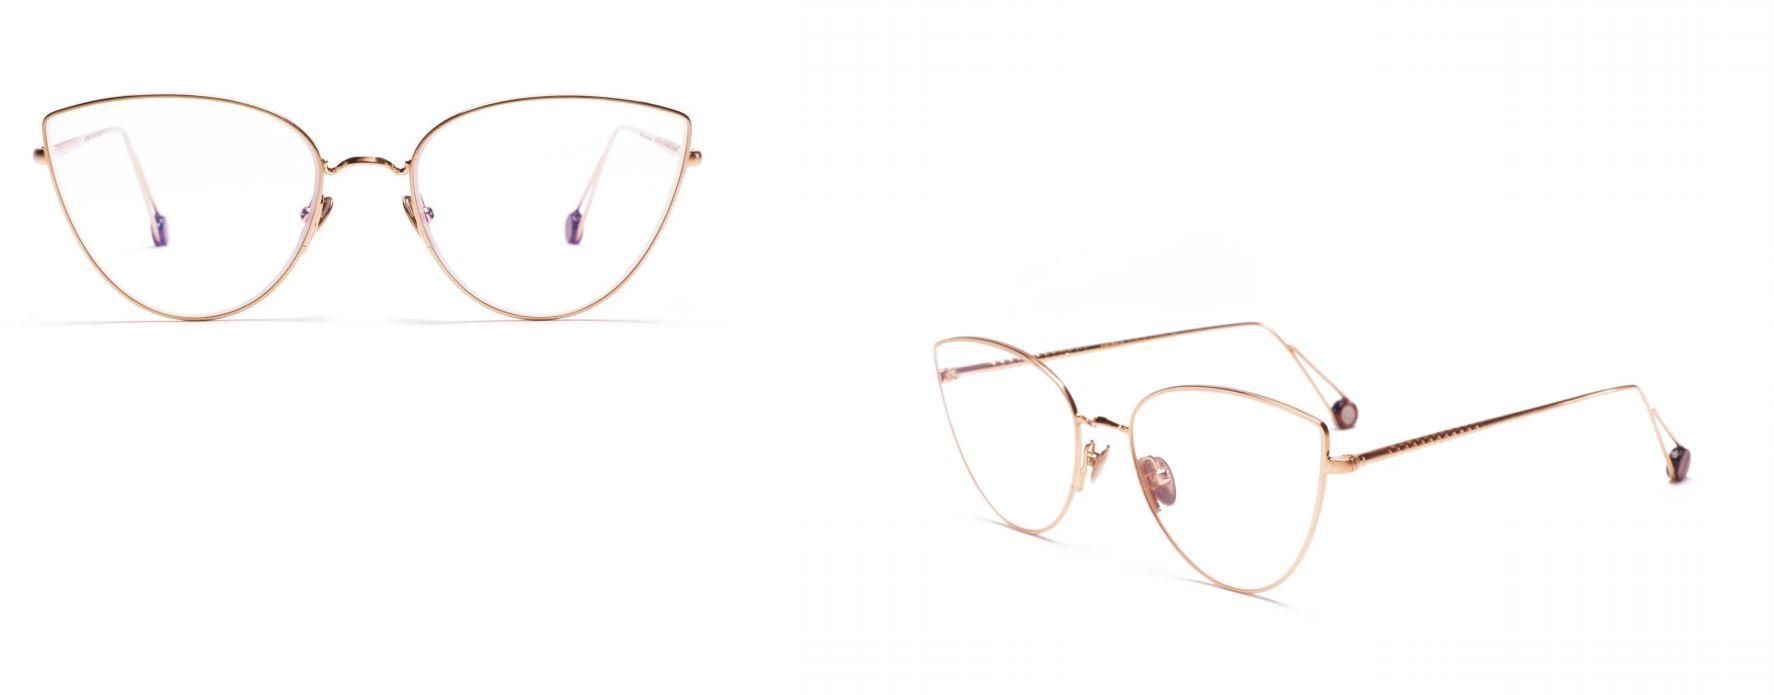 AHLEM golden slimline framed spectacles